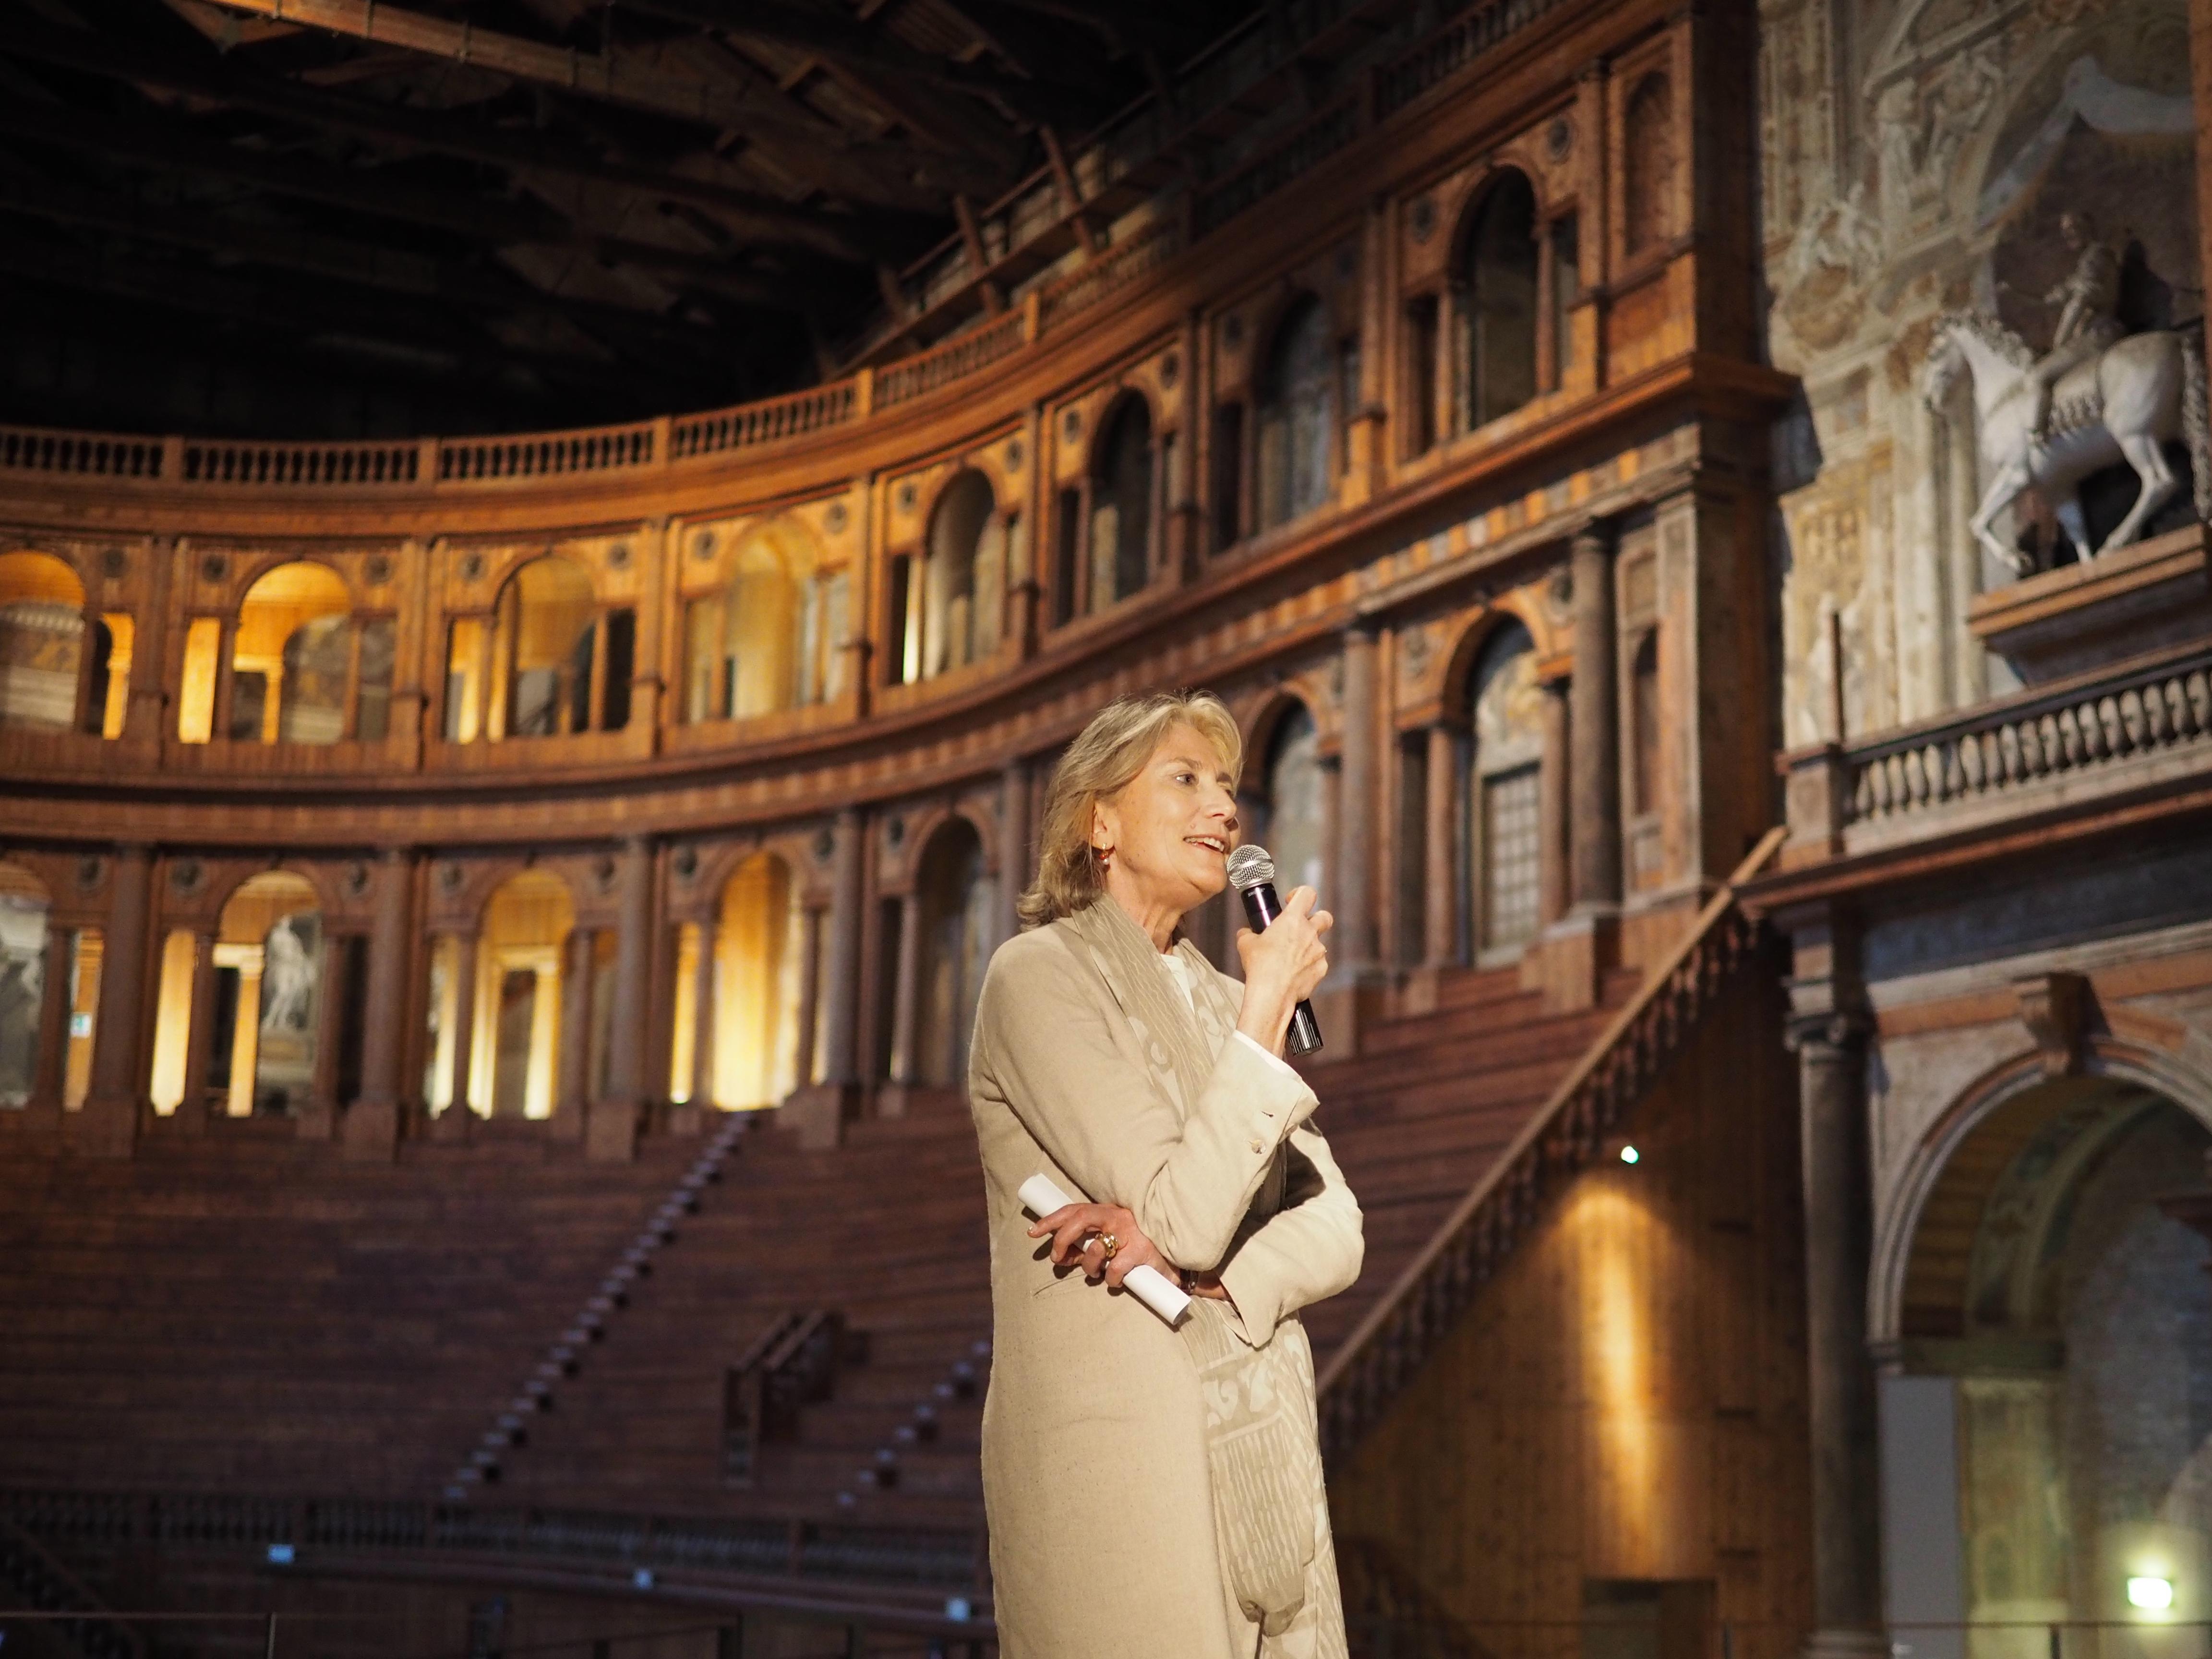 Un ritratto di Mariella Utili al Teatro Farnese di Parma